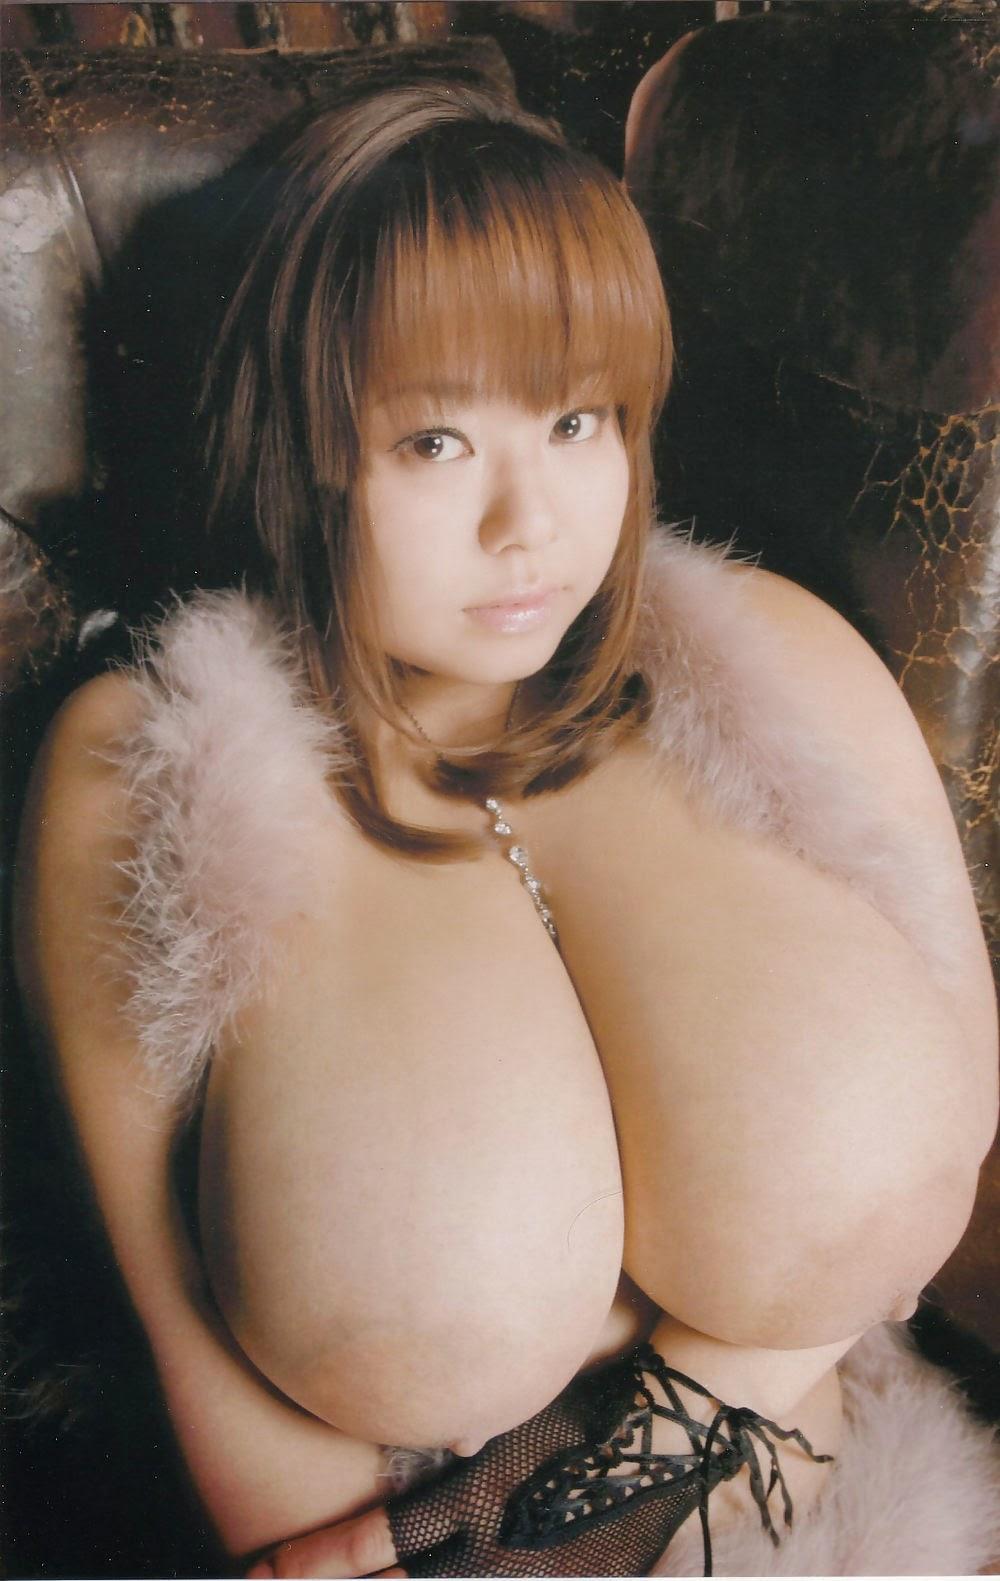 Natural tits girl gaping with facial 4